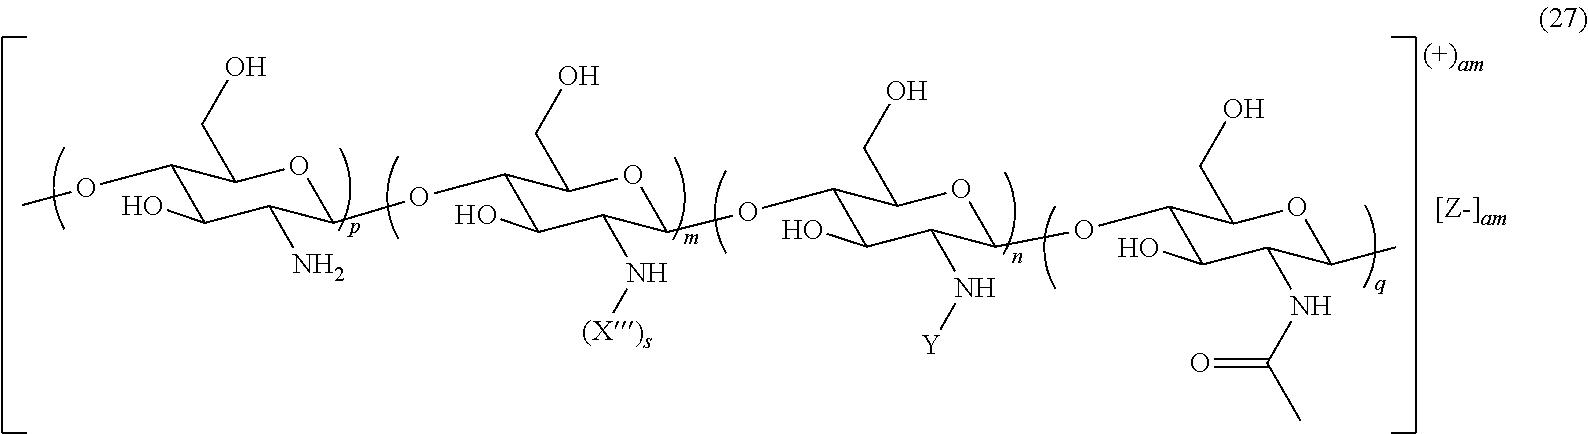 Figure US09029351-20150512-C00033